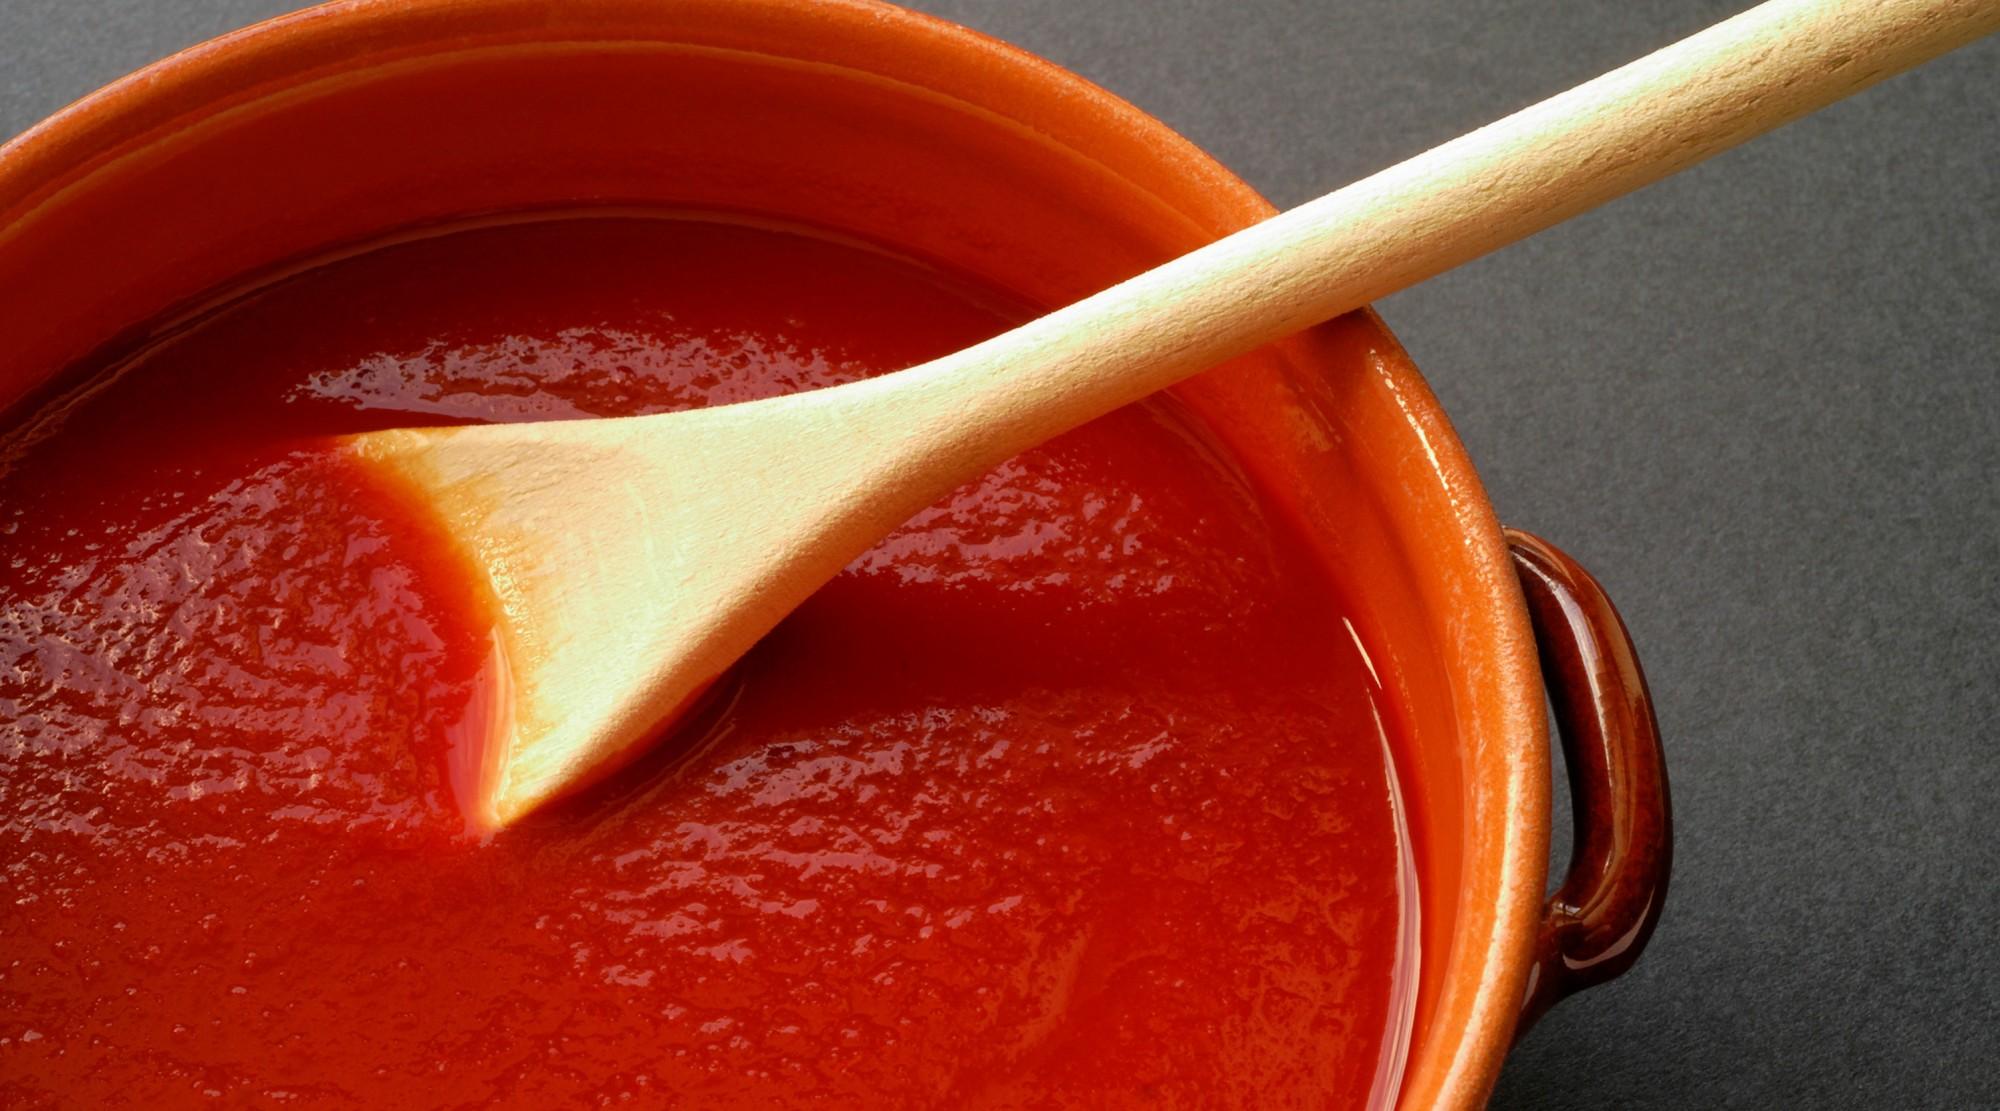 Подлива из фарша: соус, к макаронам, пюре, с томатной пастой